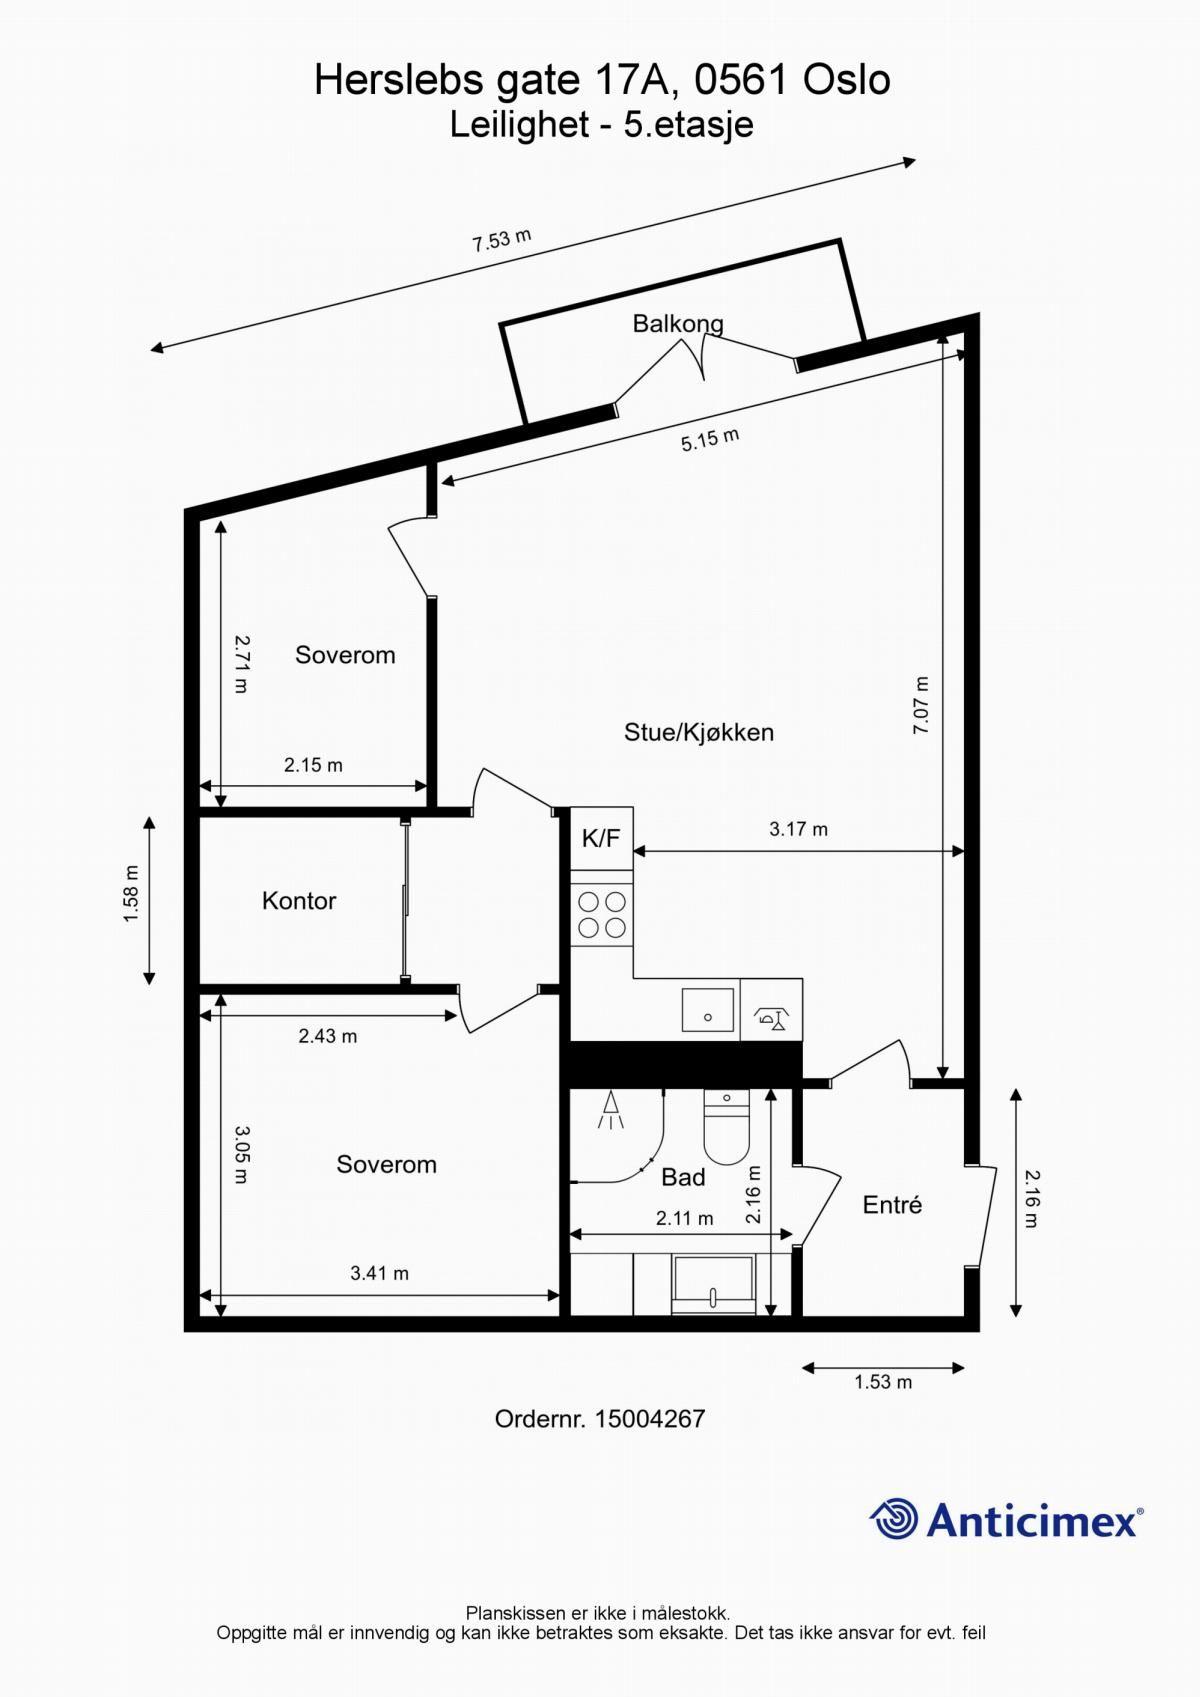 Herslebs gate 17A Dagens planløsning av leiligheten.